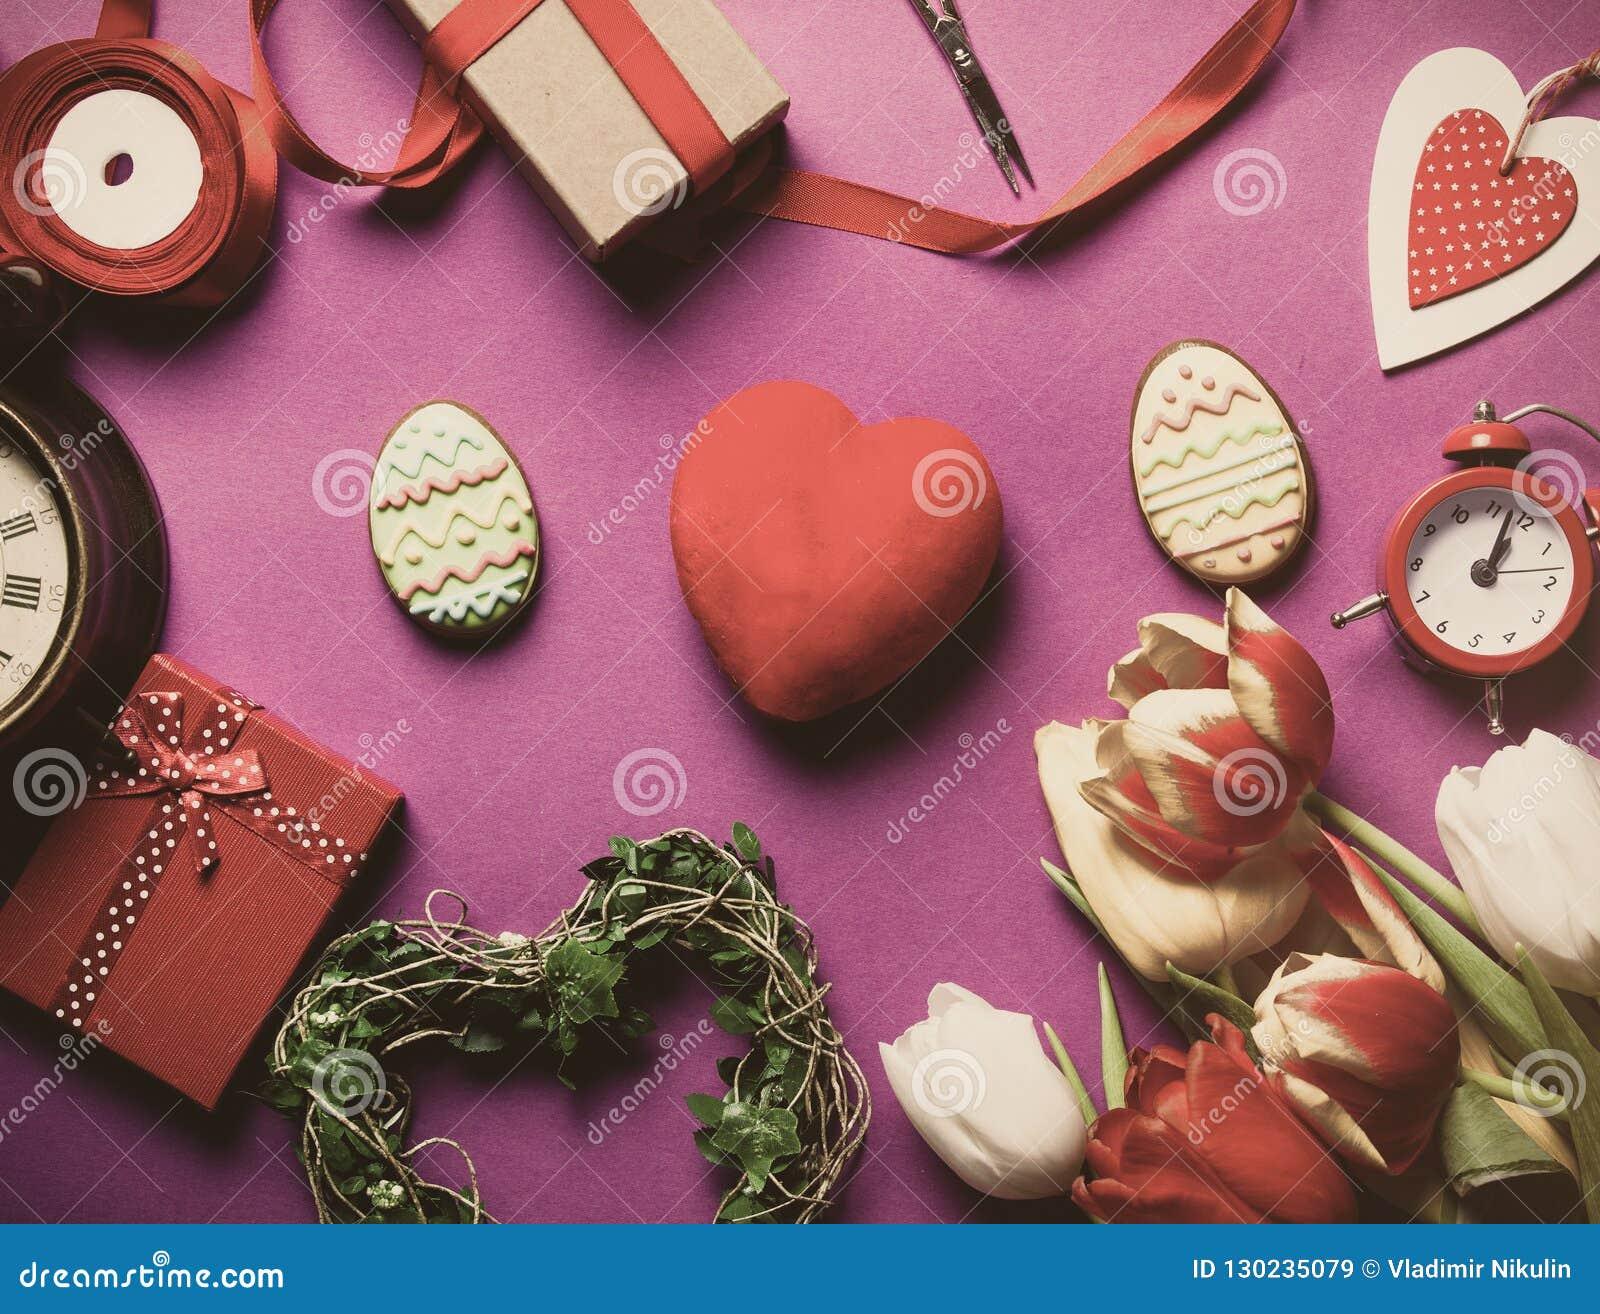 Galleta y regalos de Pascua